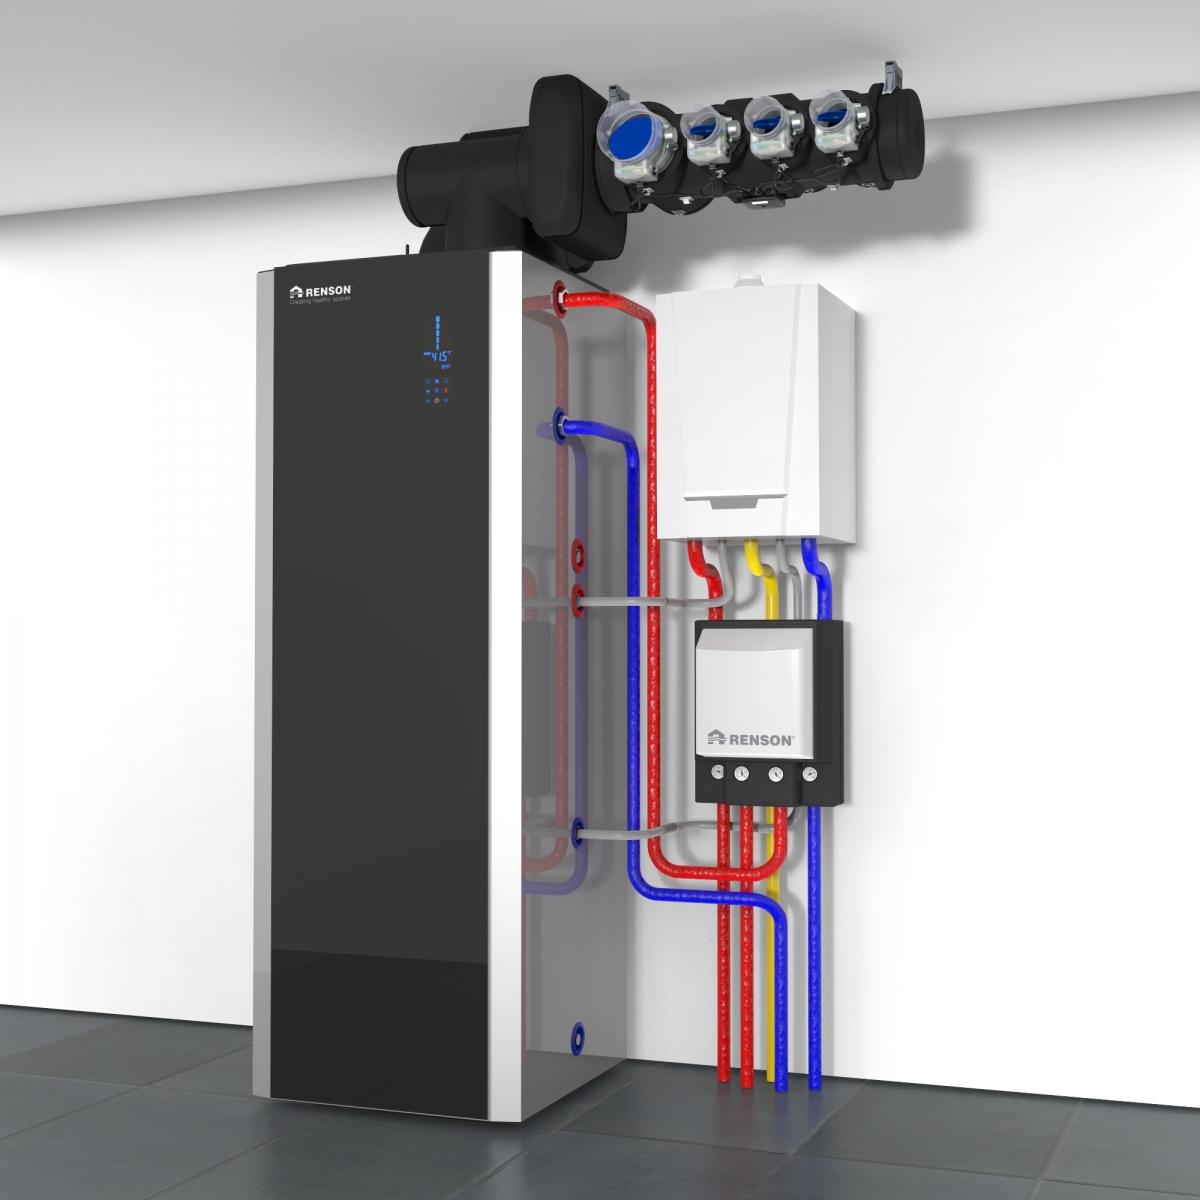 syst me de ventilation coupl une pompe chaleur maheux. Black Bedroom Furniture Sets. Home Design Ideas